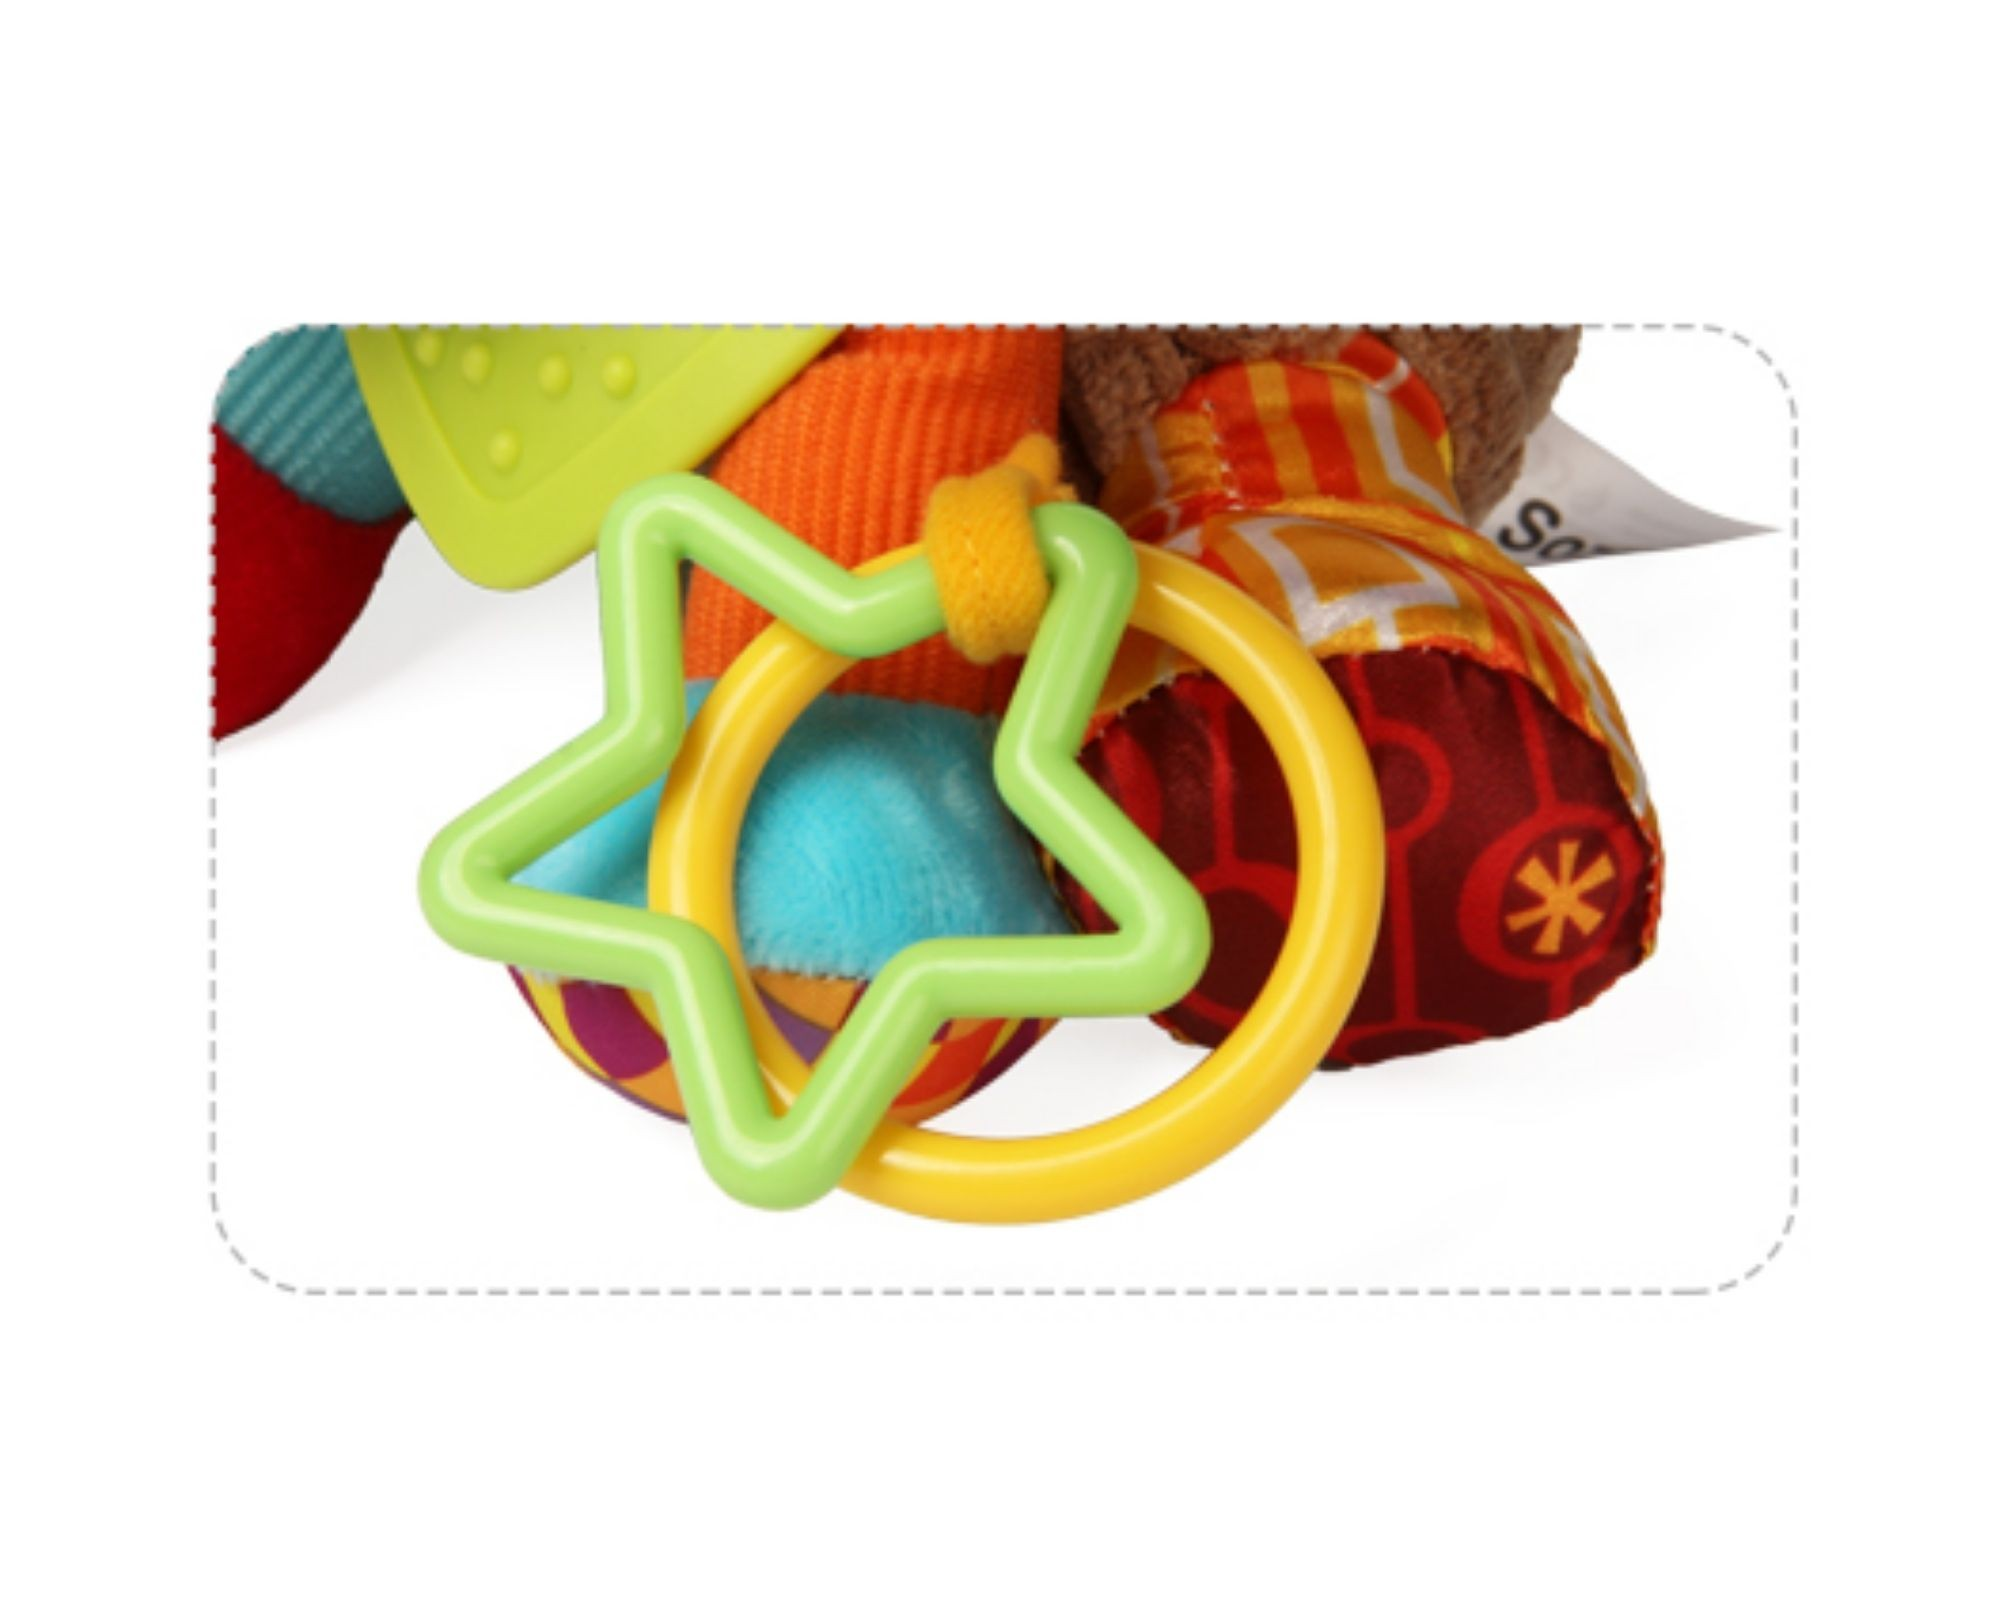 Brinquedo para bebê Interativo Mordedor Cachorrinho Sozzy  - Game Land Brinquedos